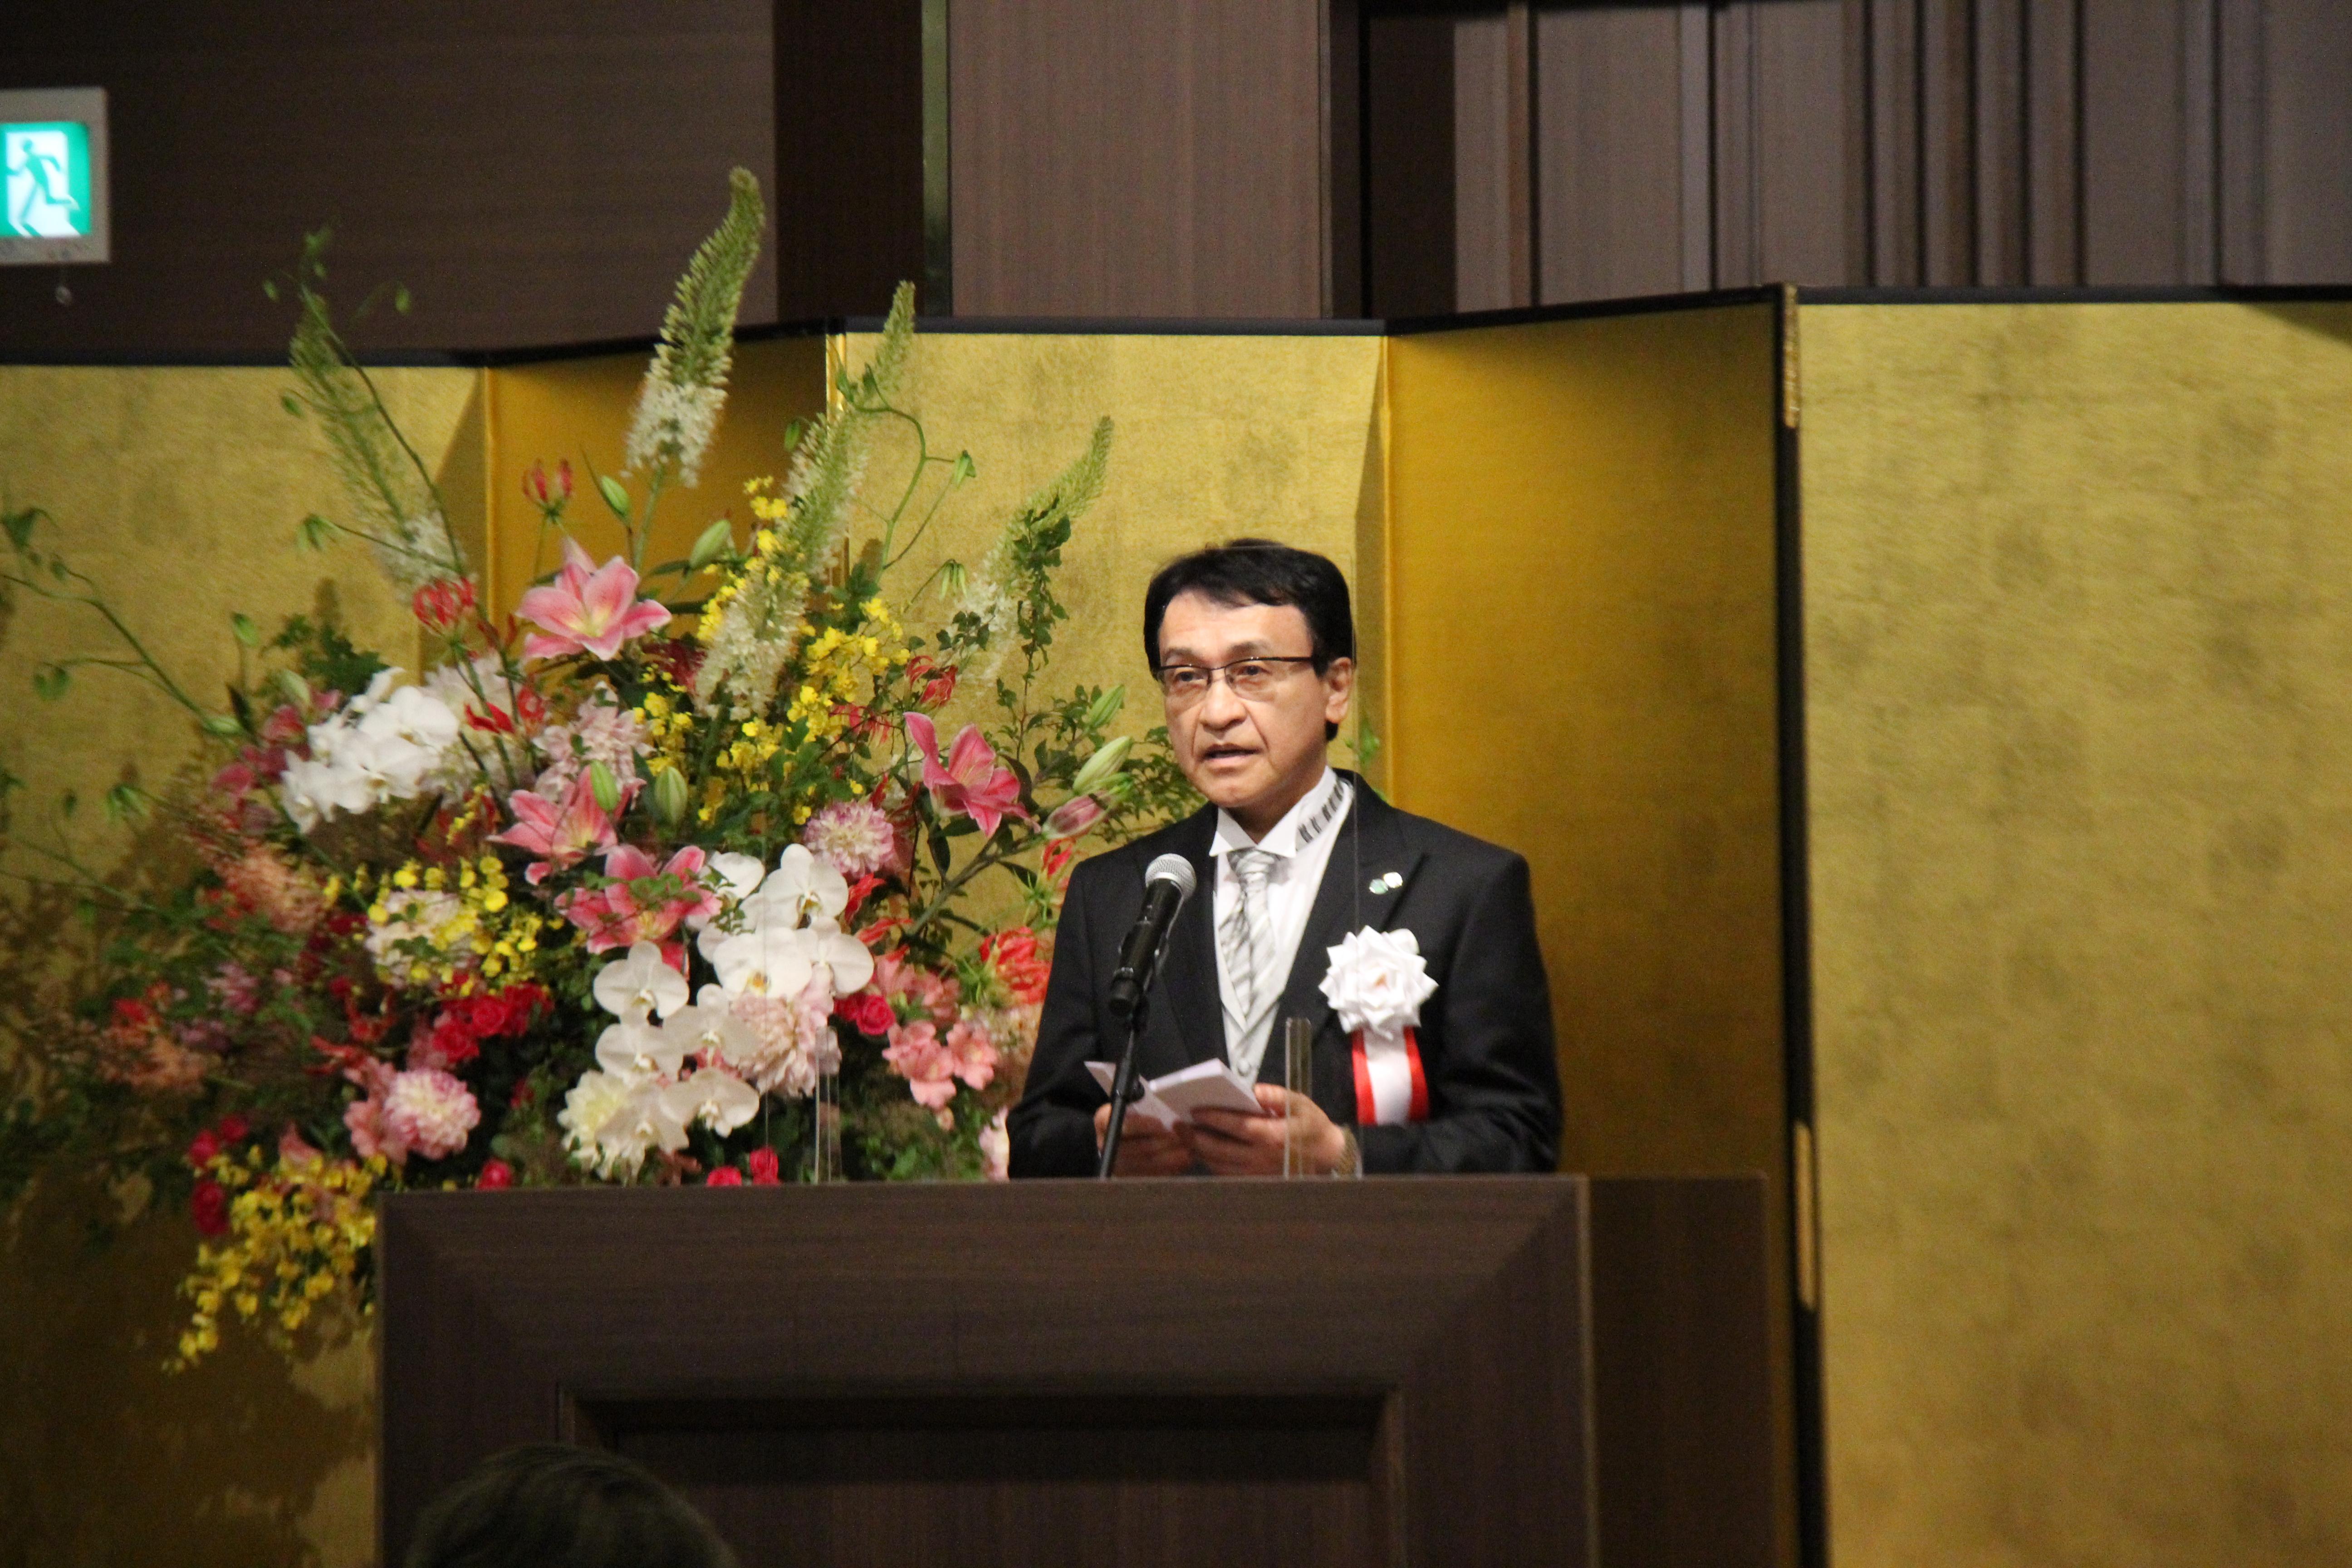 トップ > 新着情報 > 75周年記念式典・記念講演会を挙行しました 01